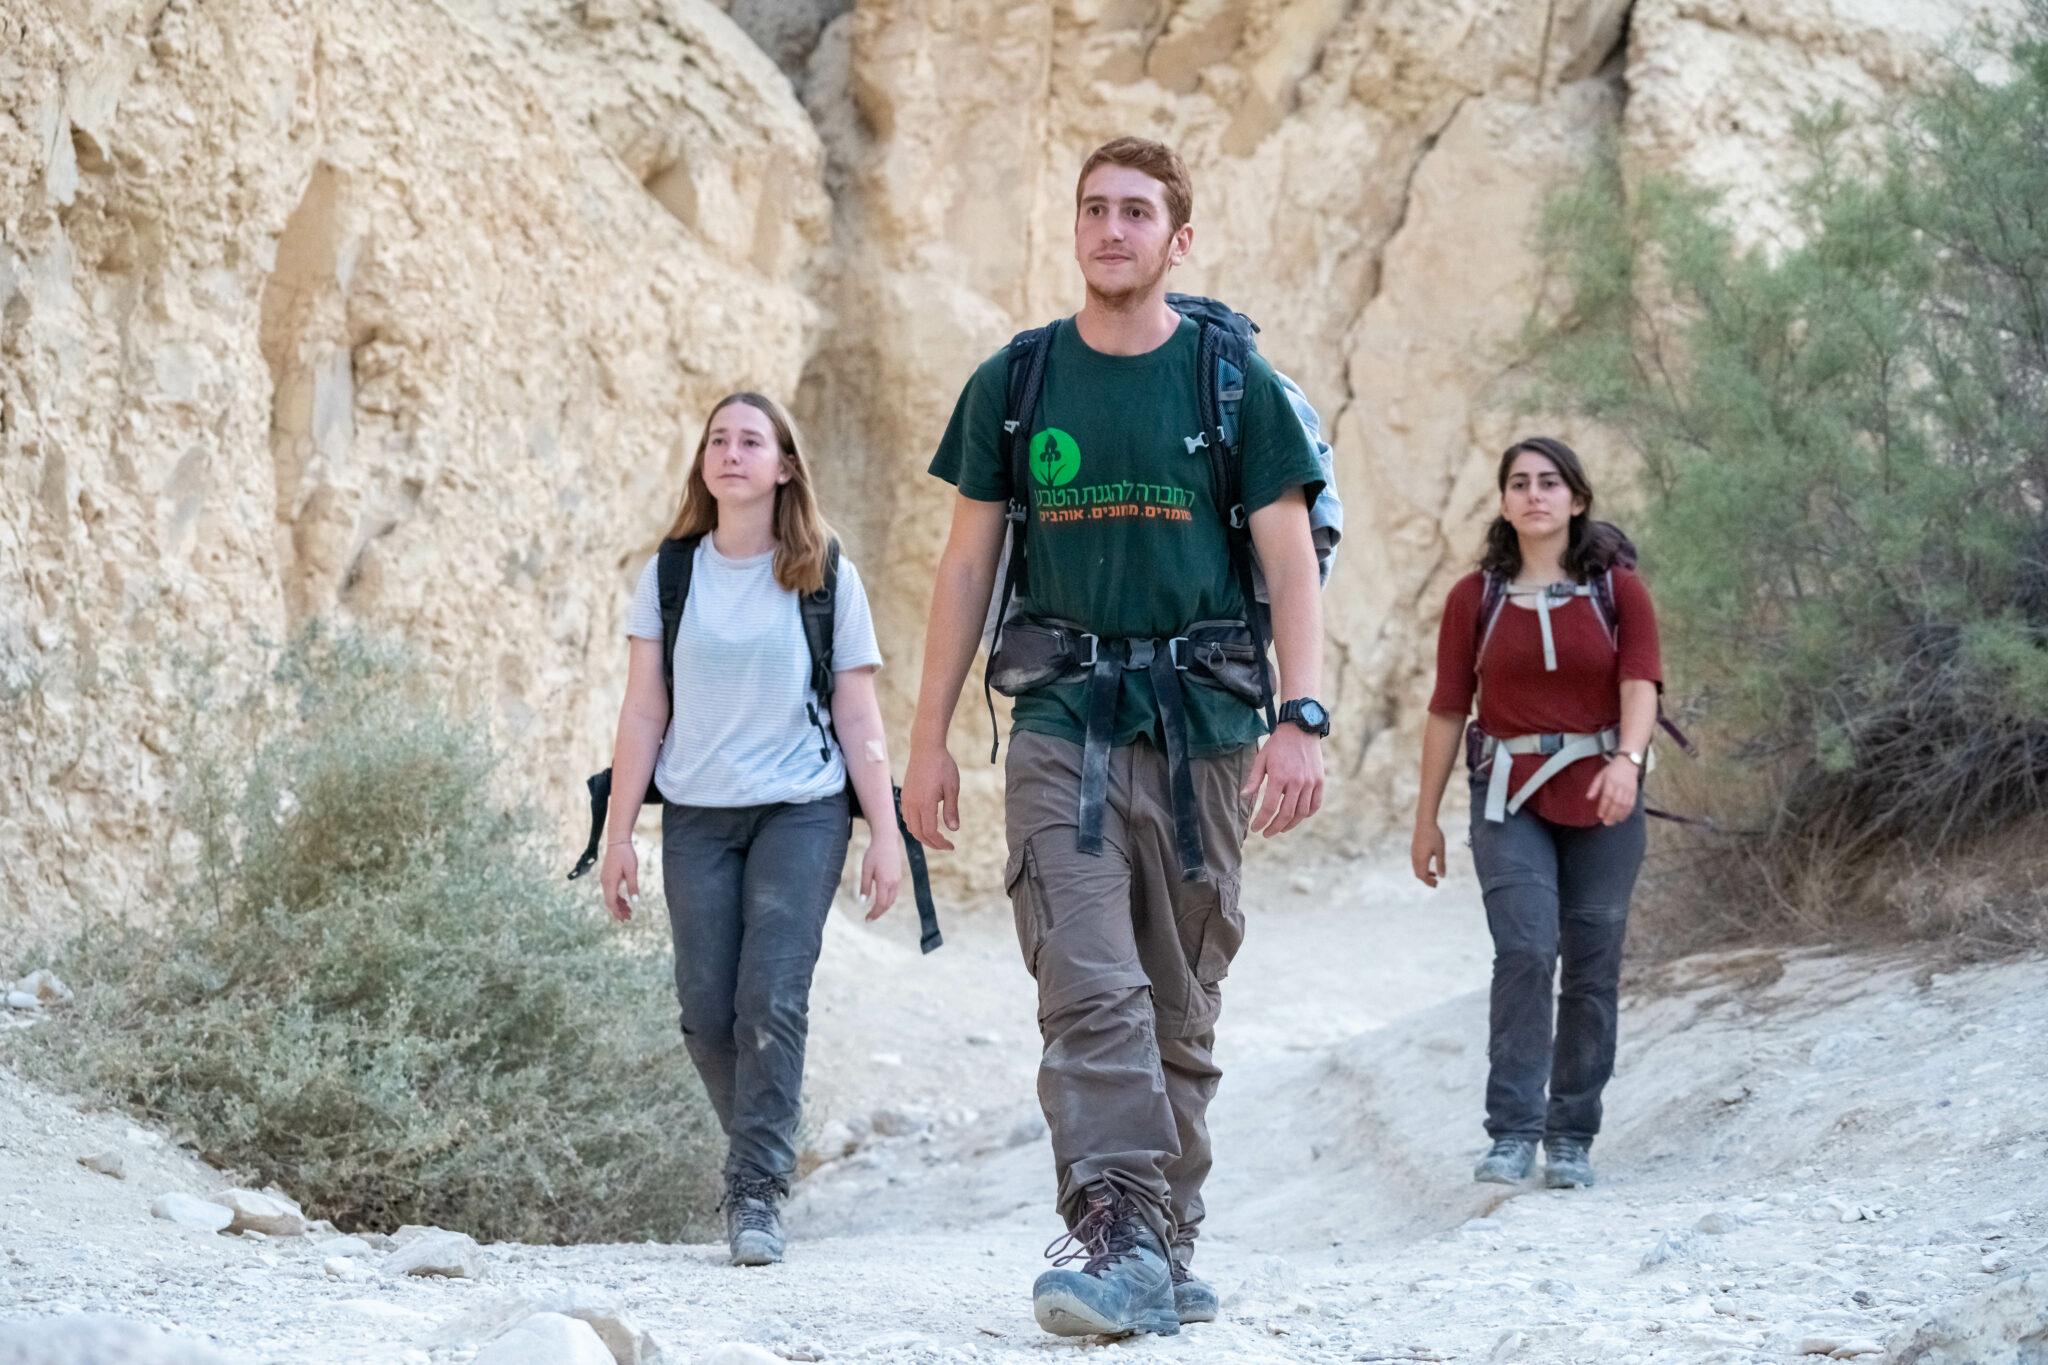 מדריך החברה להגנת הטבע בטיול עם מטיילות בנחל חווארים